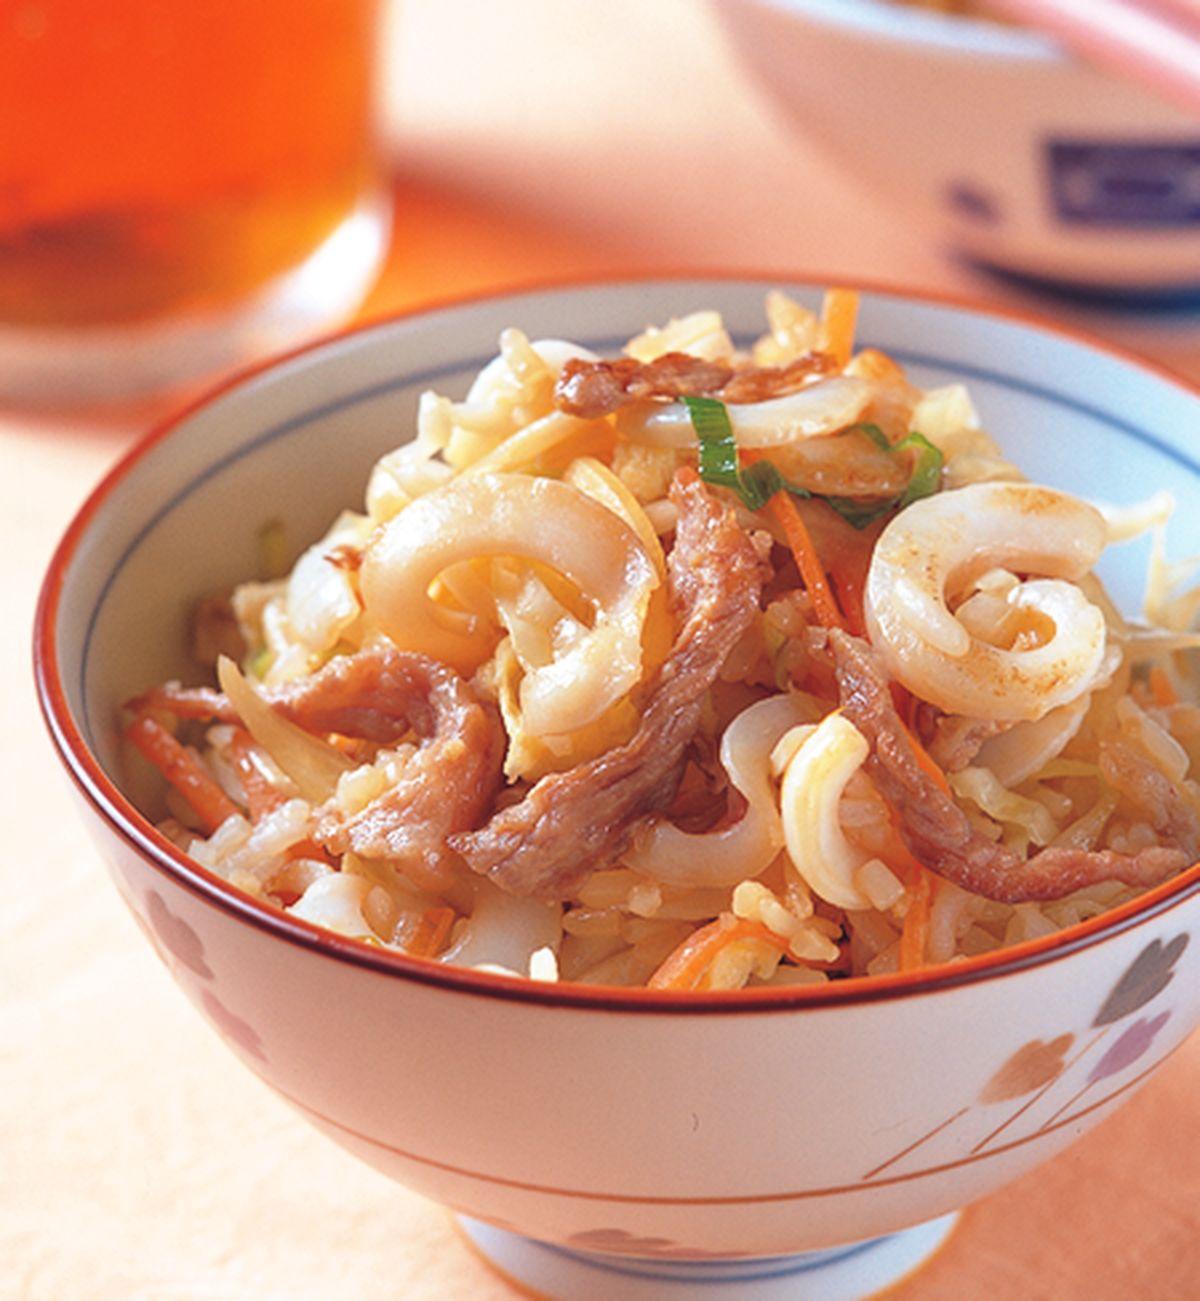 食譜:什錦炒飯(1)